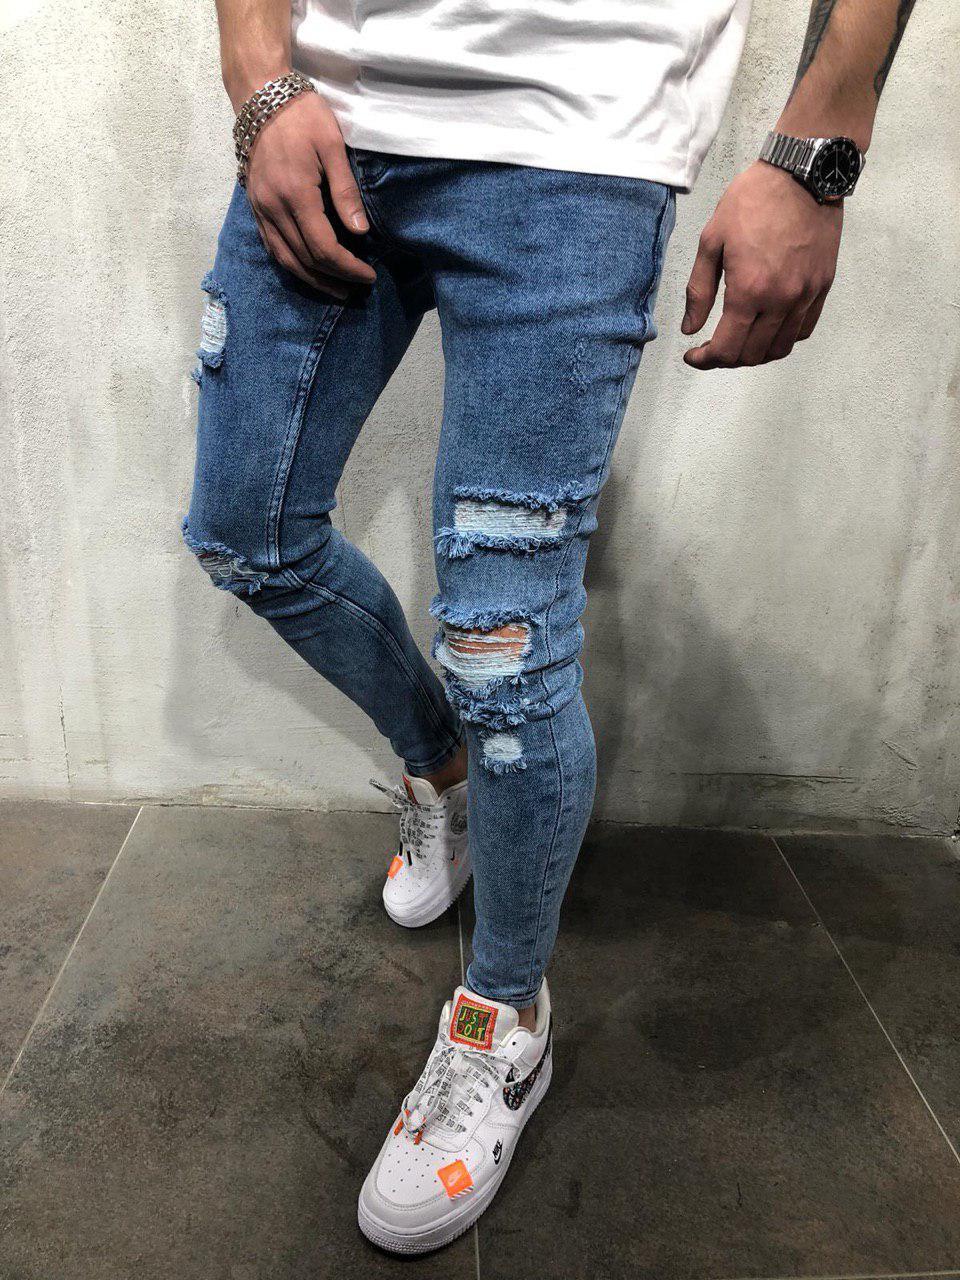 1c8e76e97b4 ... Джинсы мужские синие рваные зауженные весна лето осень ТОП КАЧЕСТВО  мужские джинсы темно-синие